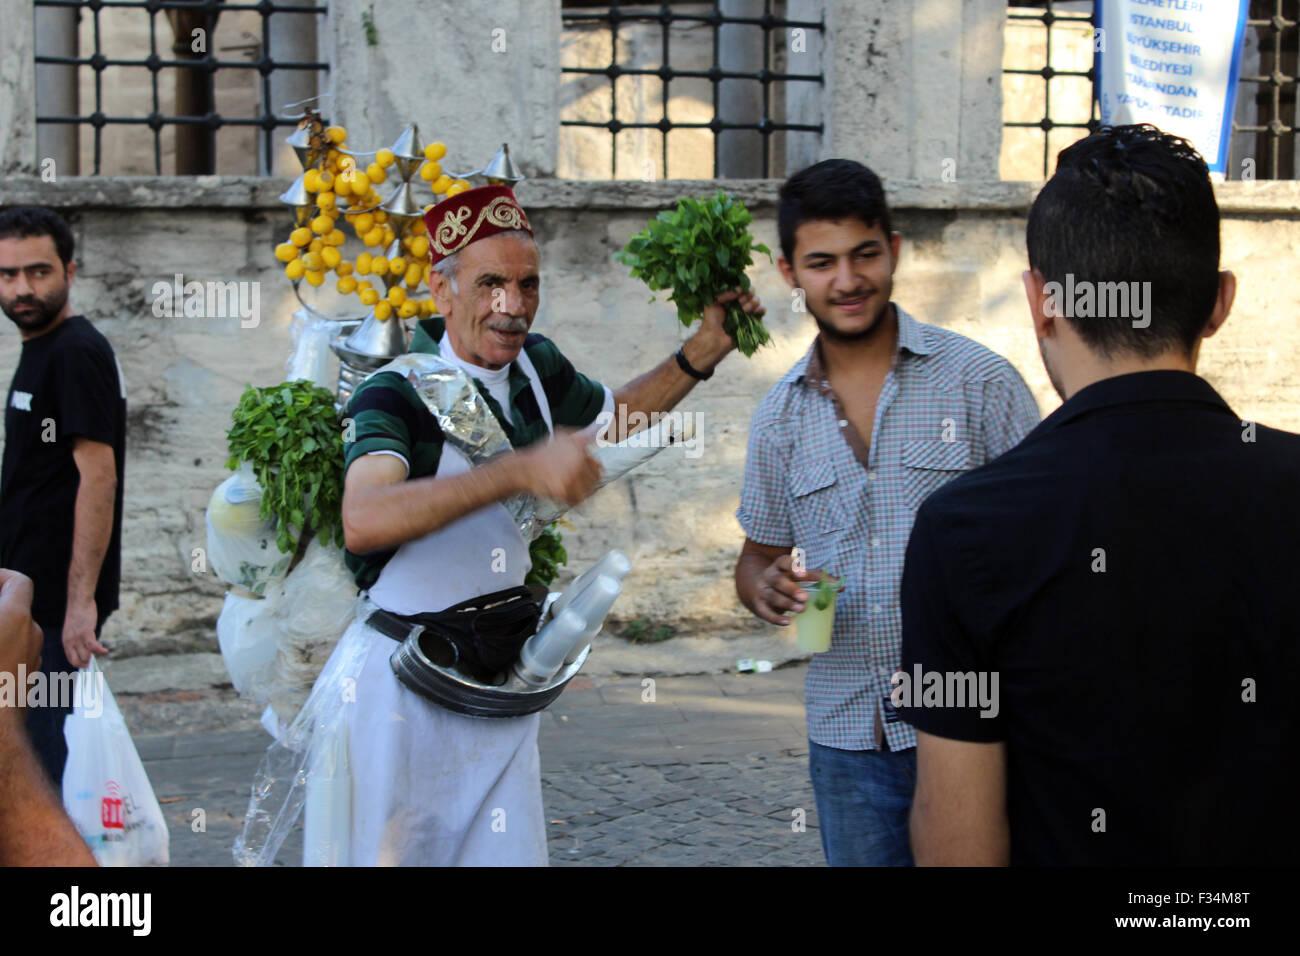 Istanbul, Türkei - 20. September 2015: Verkäufer von Limonade posiert für die Kamera in den Händen Stockbild